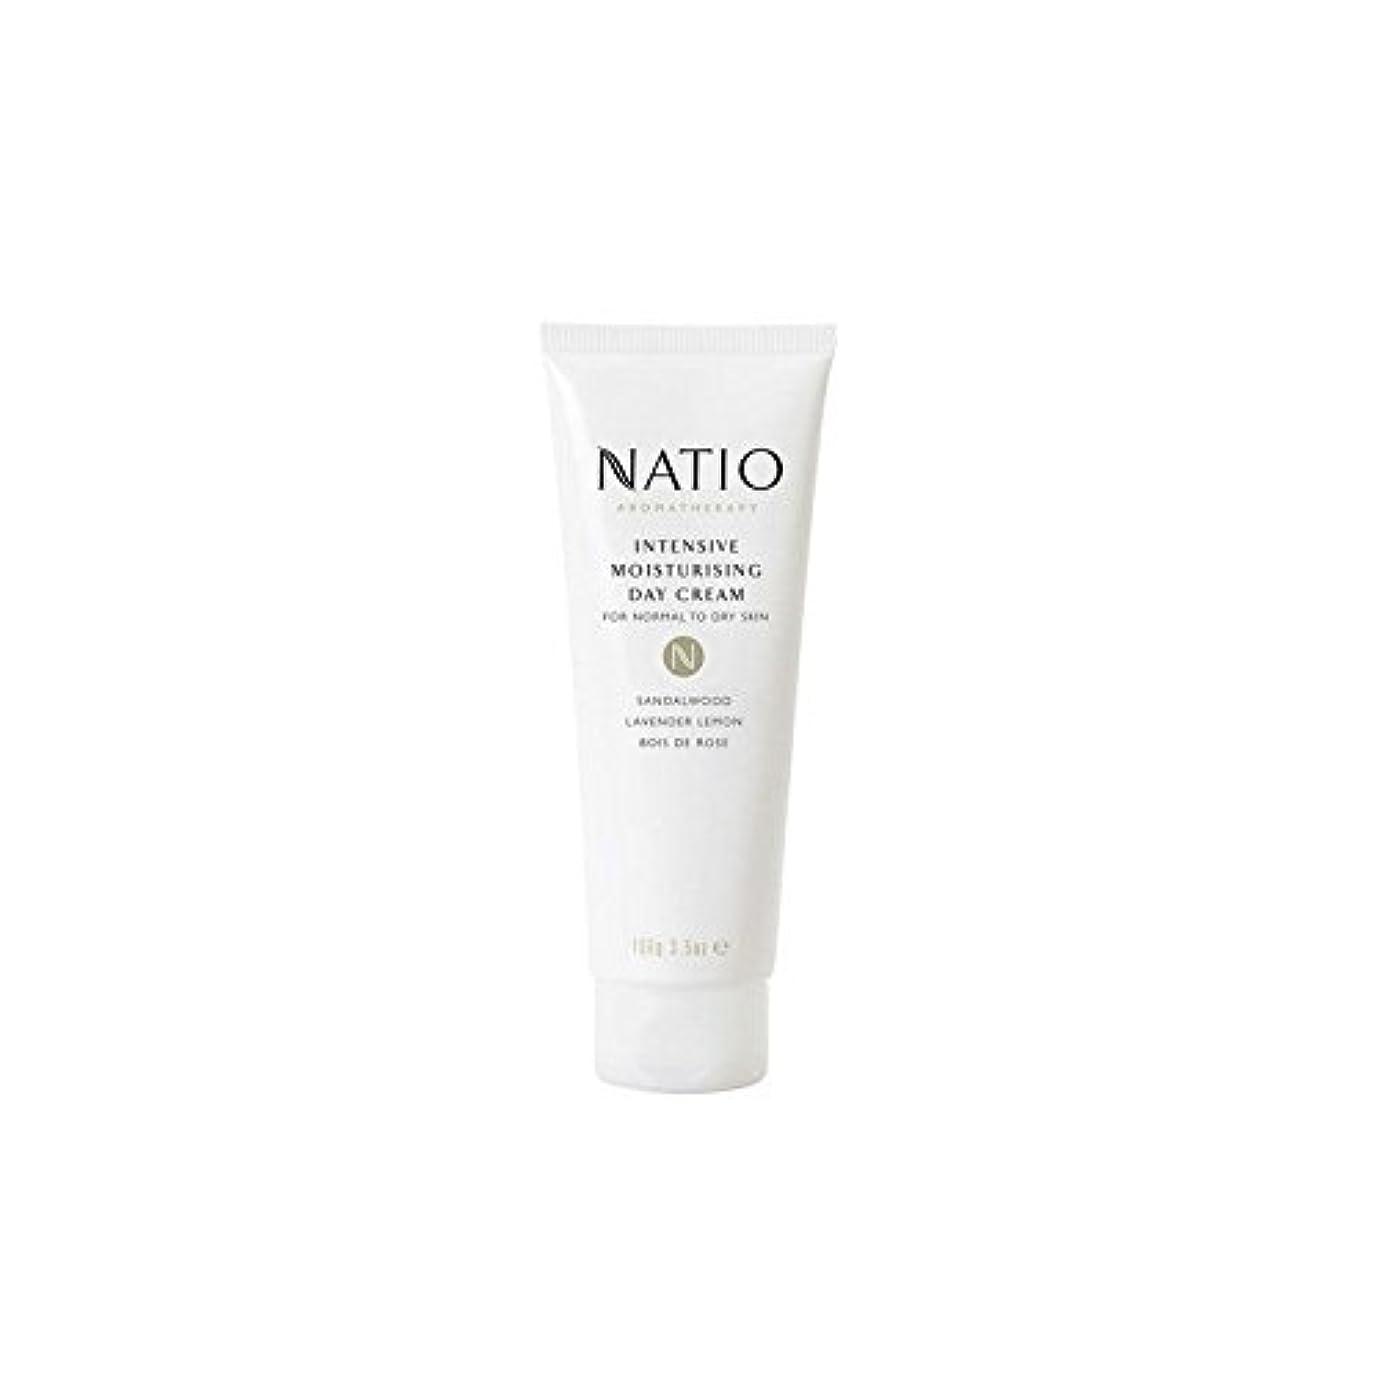 におい中級松の木集中的な保湿デイクリーム(100グラム) x4 - Natio Intensive Moisturising Day Cream (100G) (Pack of 4) [並行輸入品]